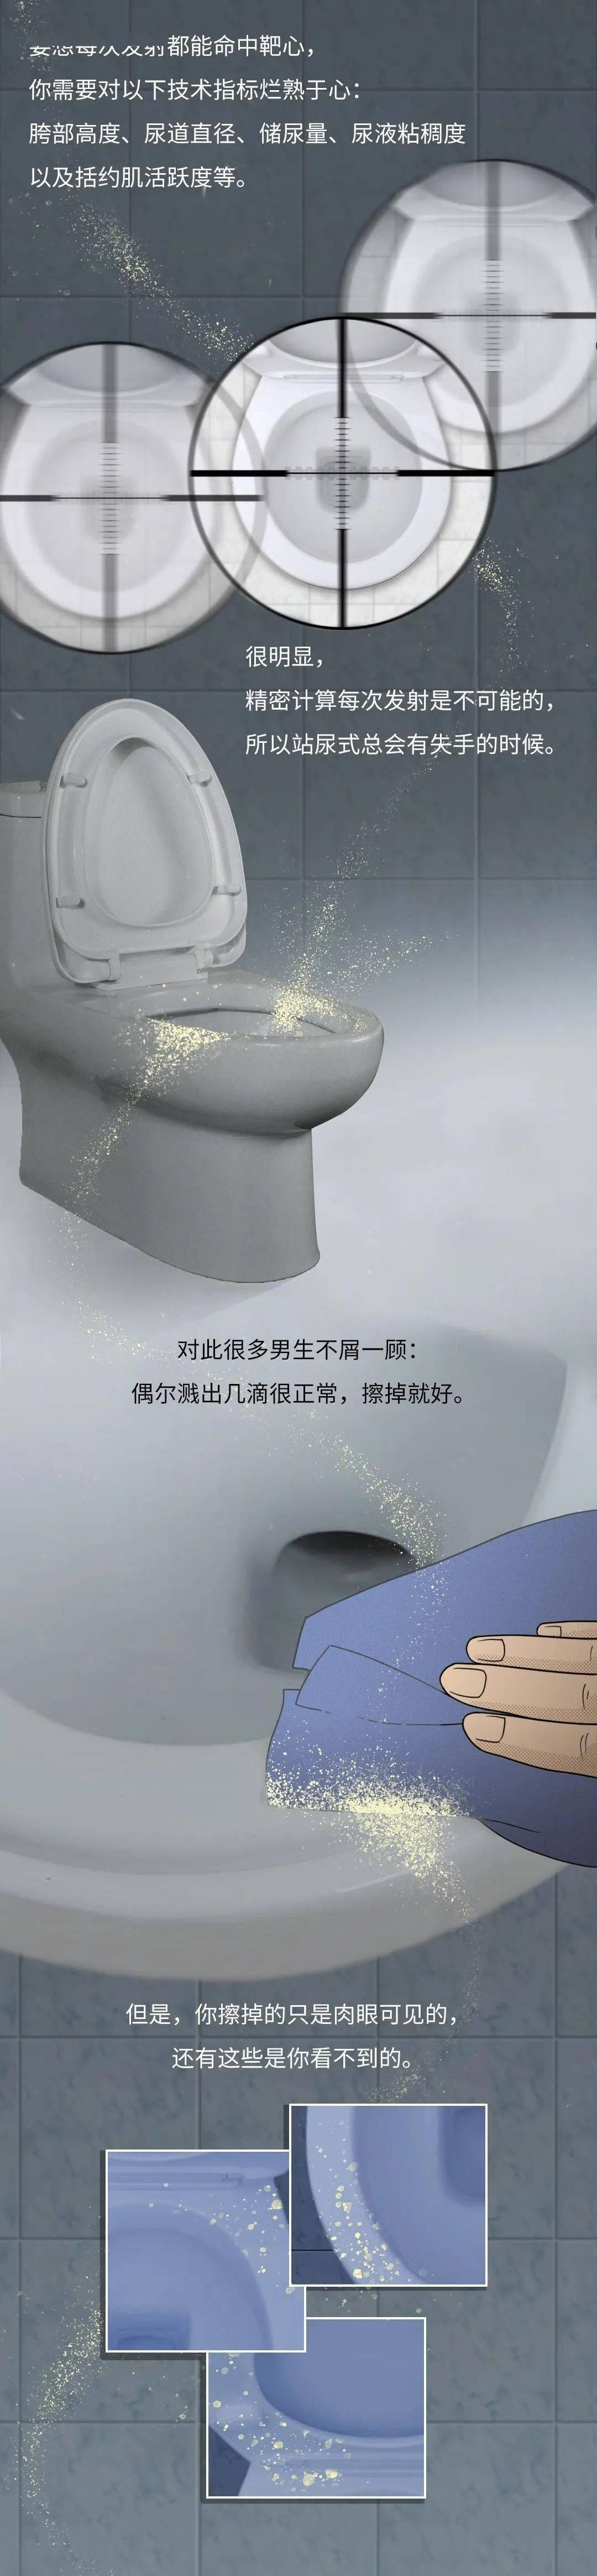 坐着尿尿,是一个男人成熟的标志 锻炼方法 第2张